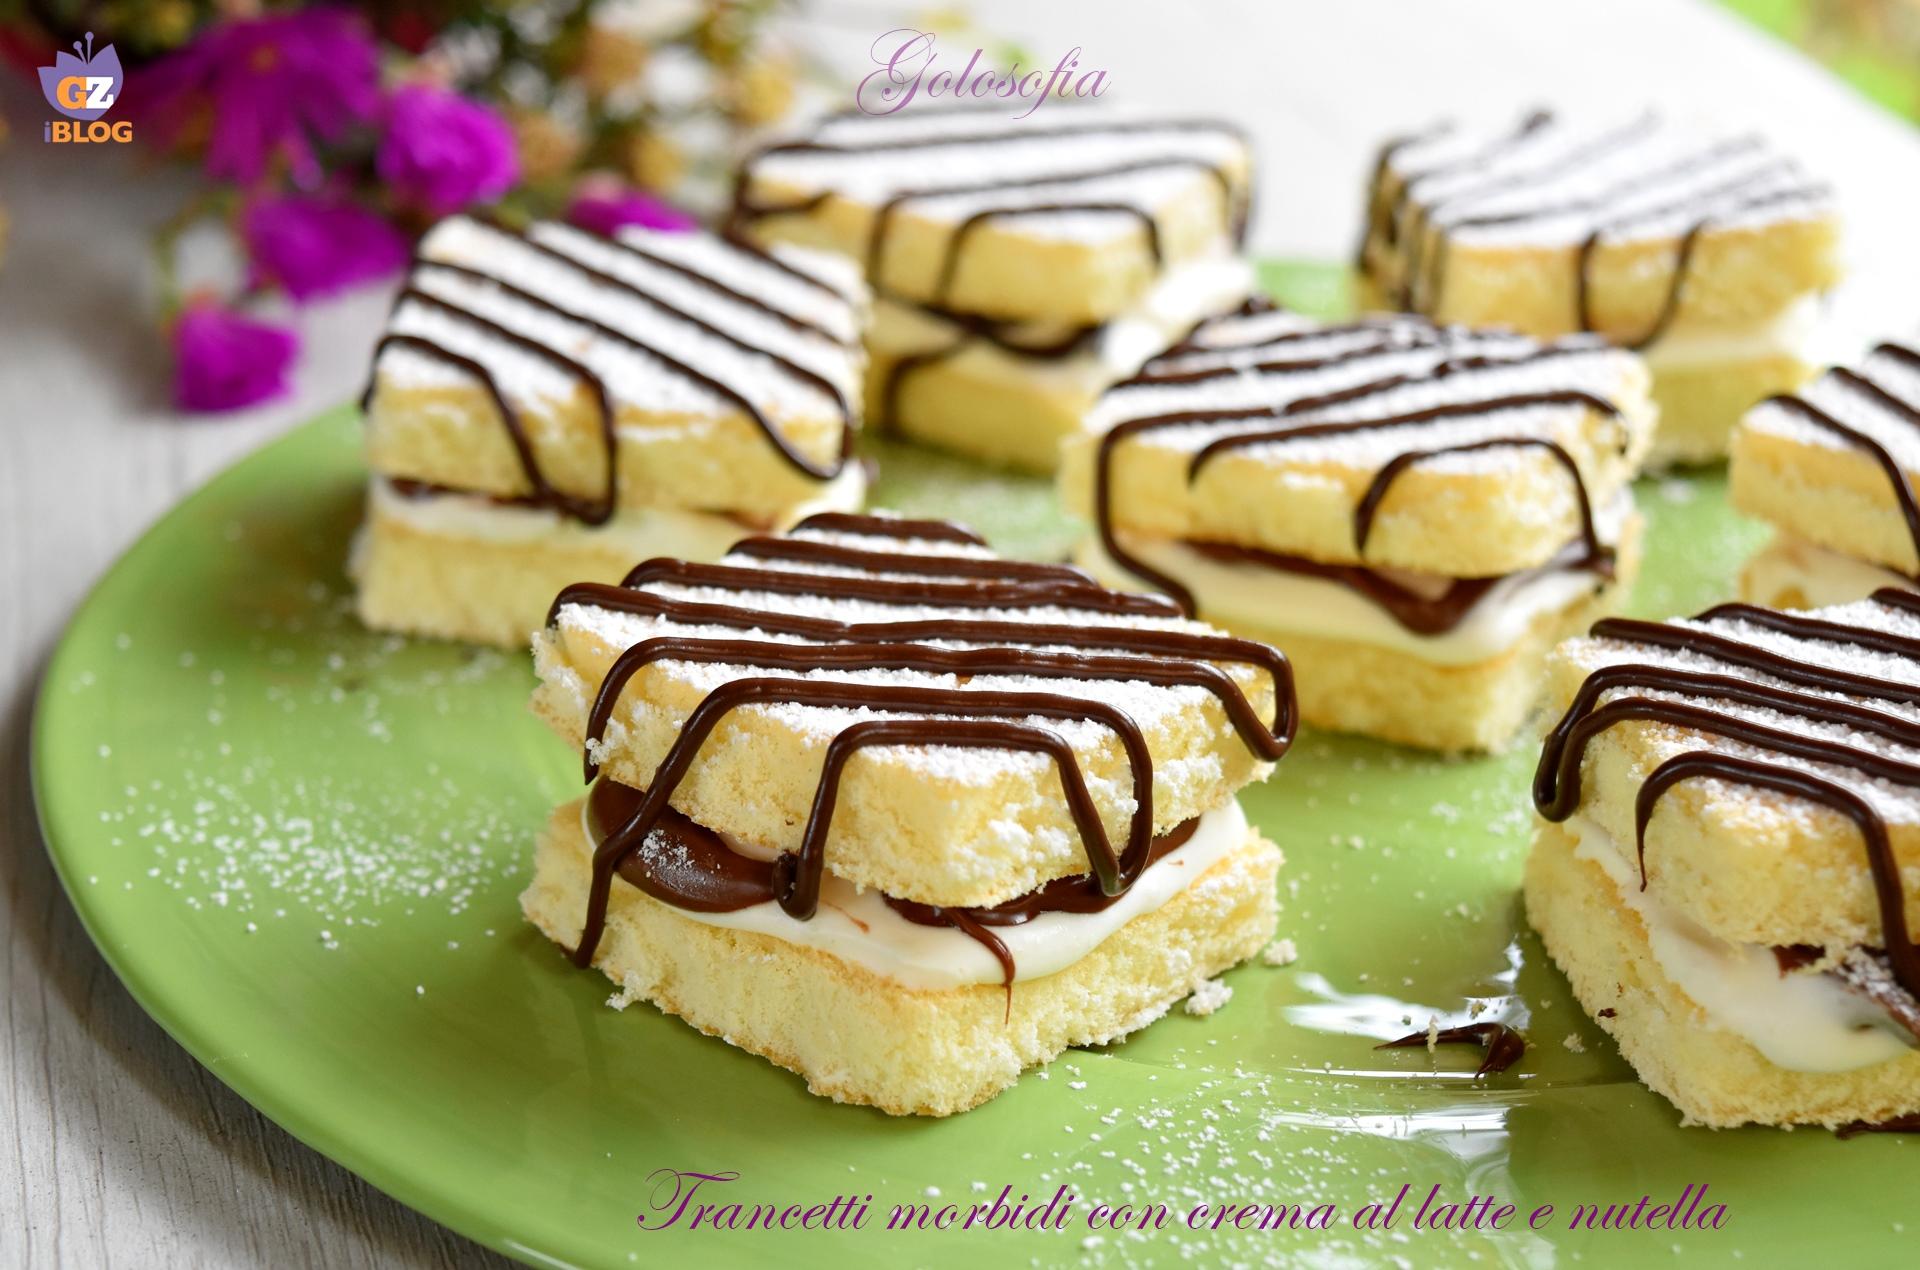 Trancetti morbidi con crema al latte e nutella-ricetta dolci-golosofia